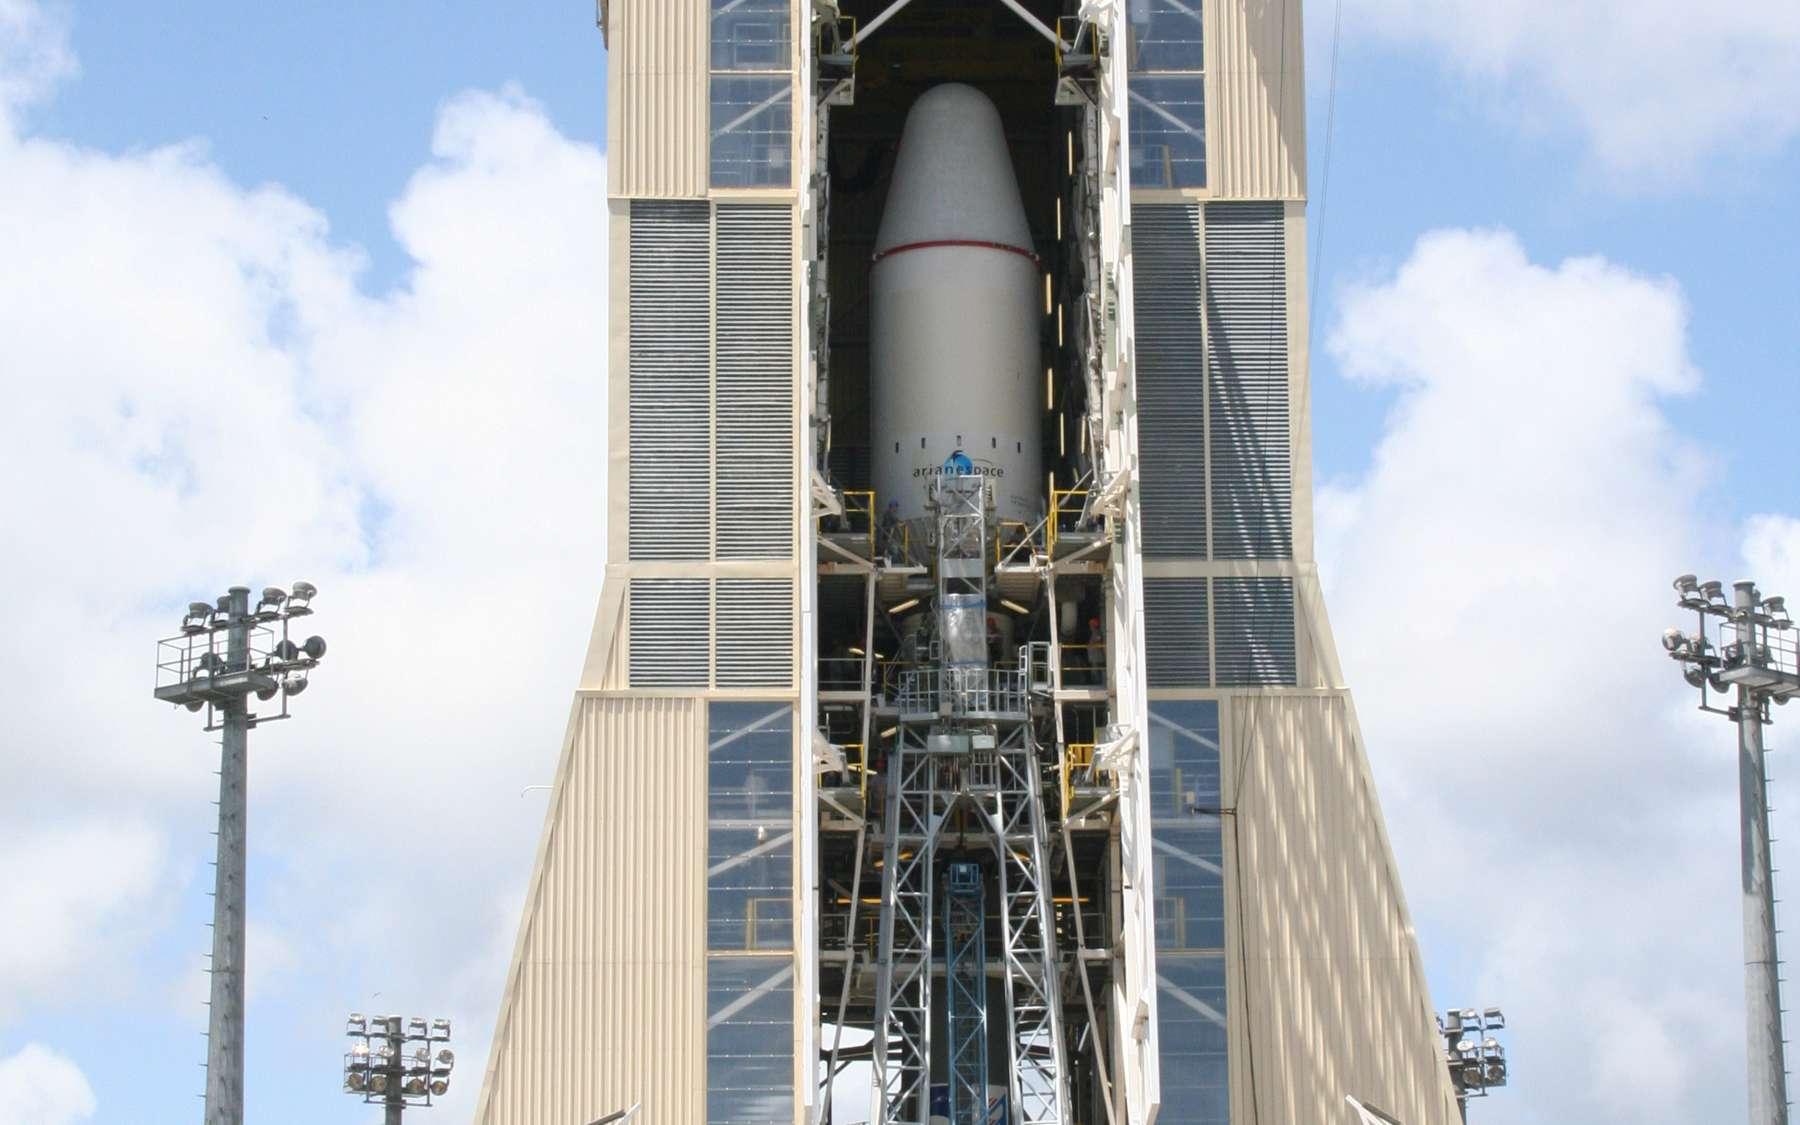 Le lanceur lors des tests de chronologie de lancement effectués au printemps 2011. Il est encore à l'intérieur du portique mobile qui est retiré avant le décollage. © Esa/Cnes/Arianespace-Service optique CSG